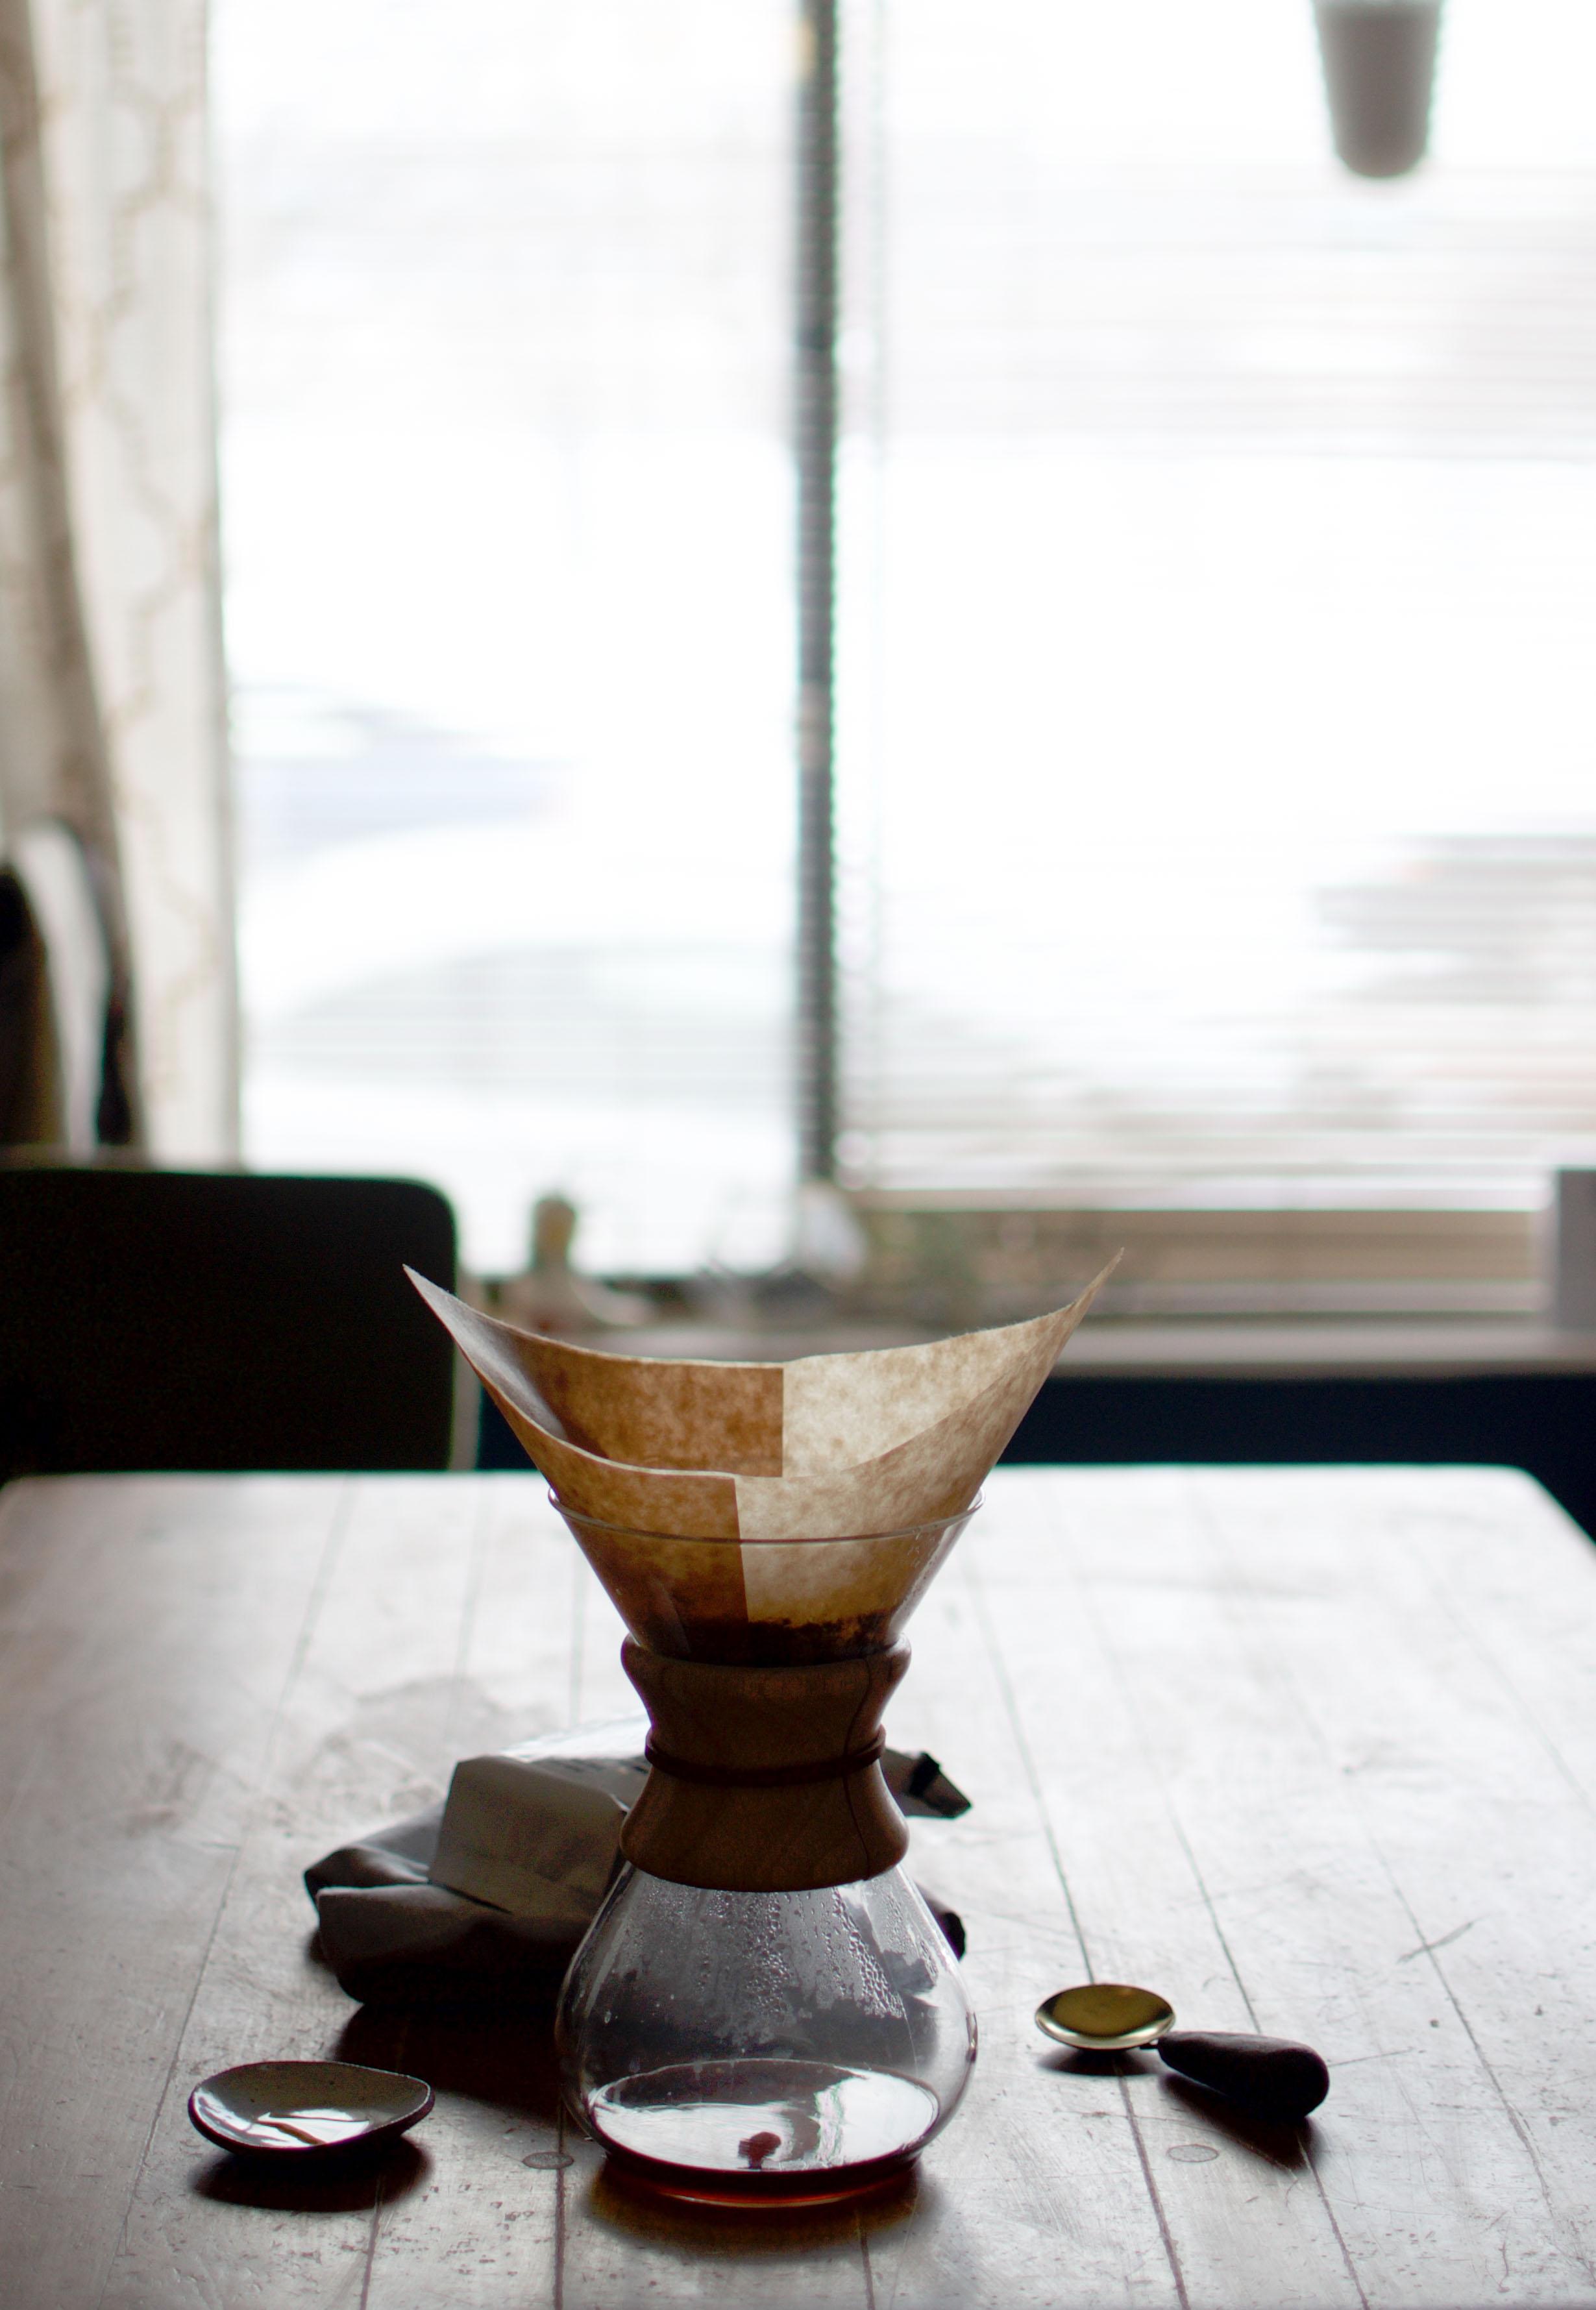 Wendling_Boyd_Daily_Brew_Coffee_Day_Contrast_Coffee-8.jpg